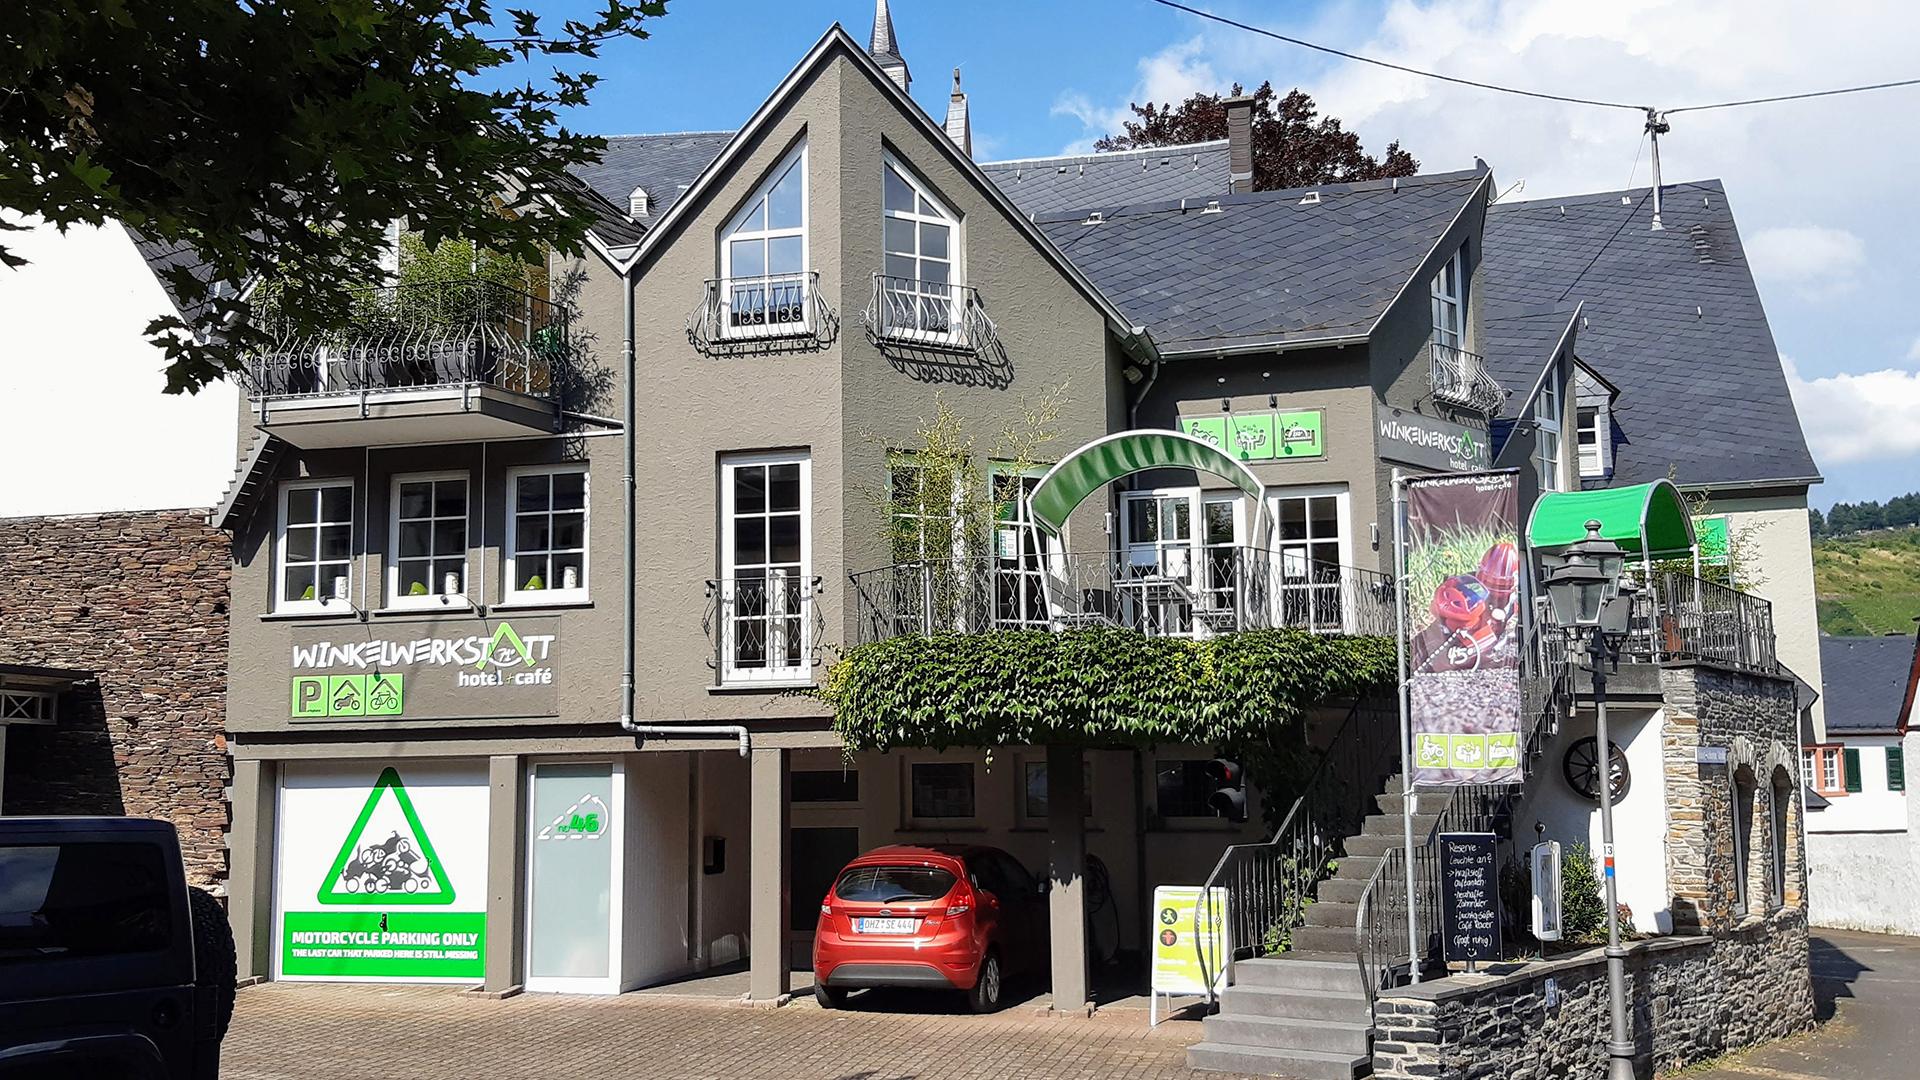 Winkelwerkstatt hotel & café